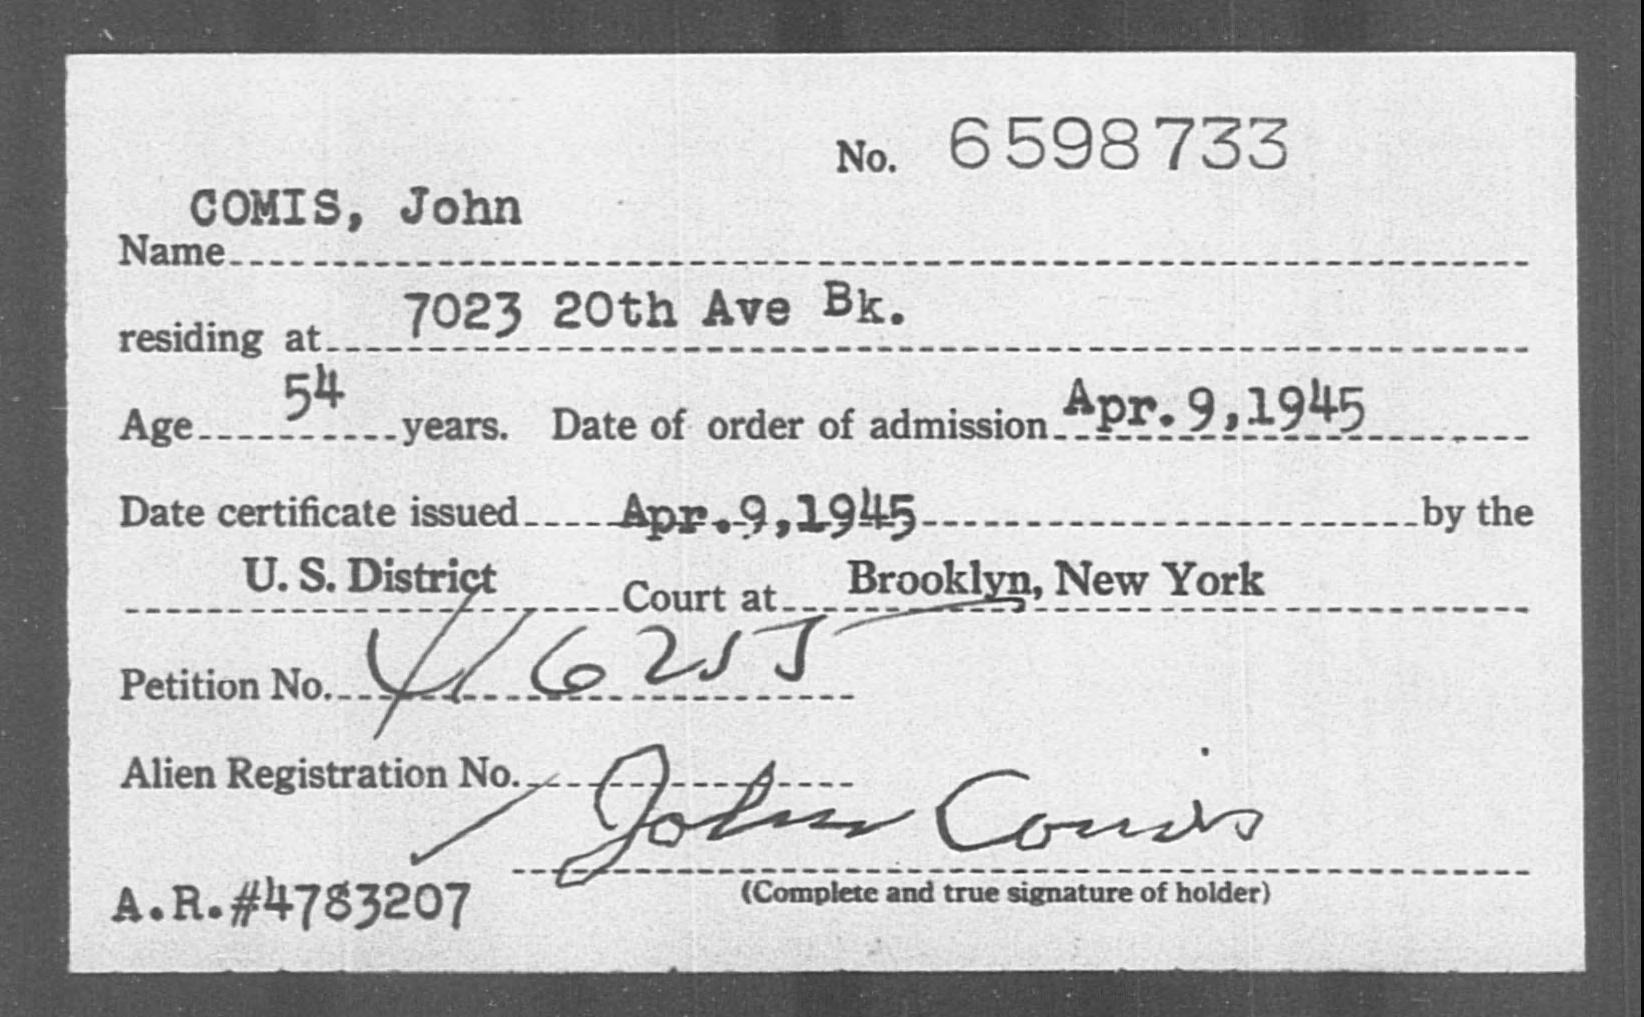 COMIS, John - Born: [BLANK], Naturalized: 1945